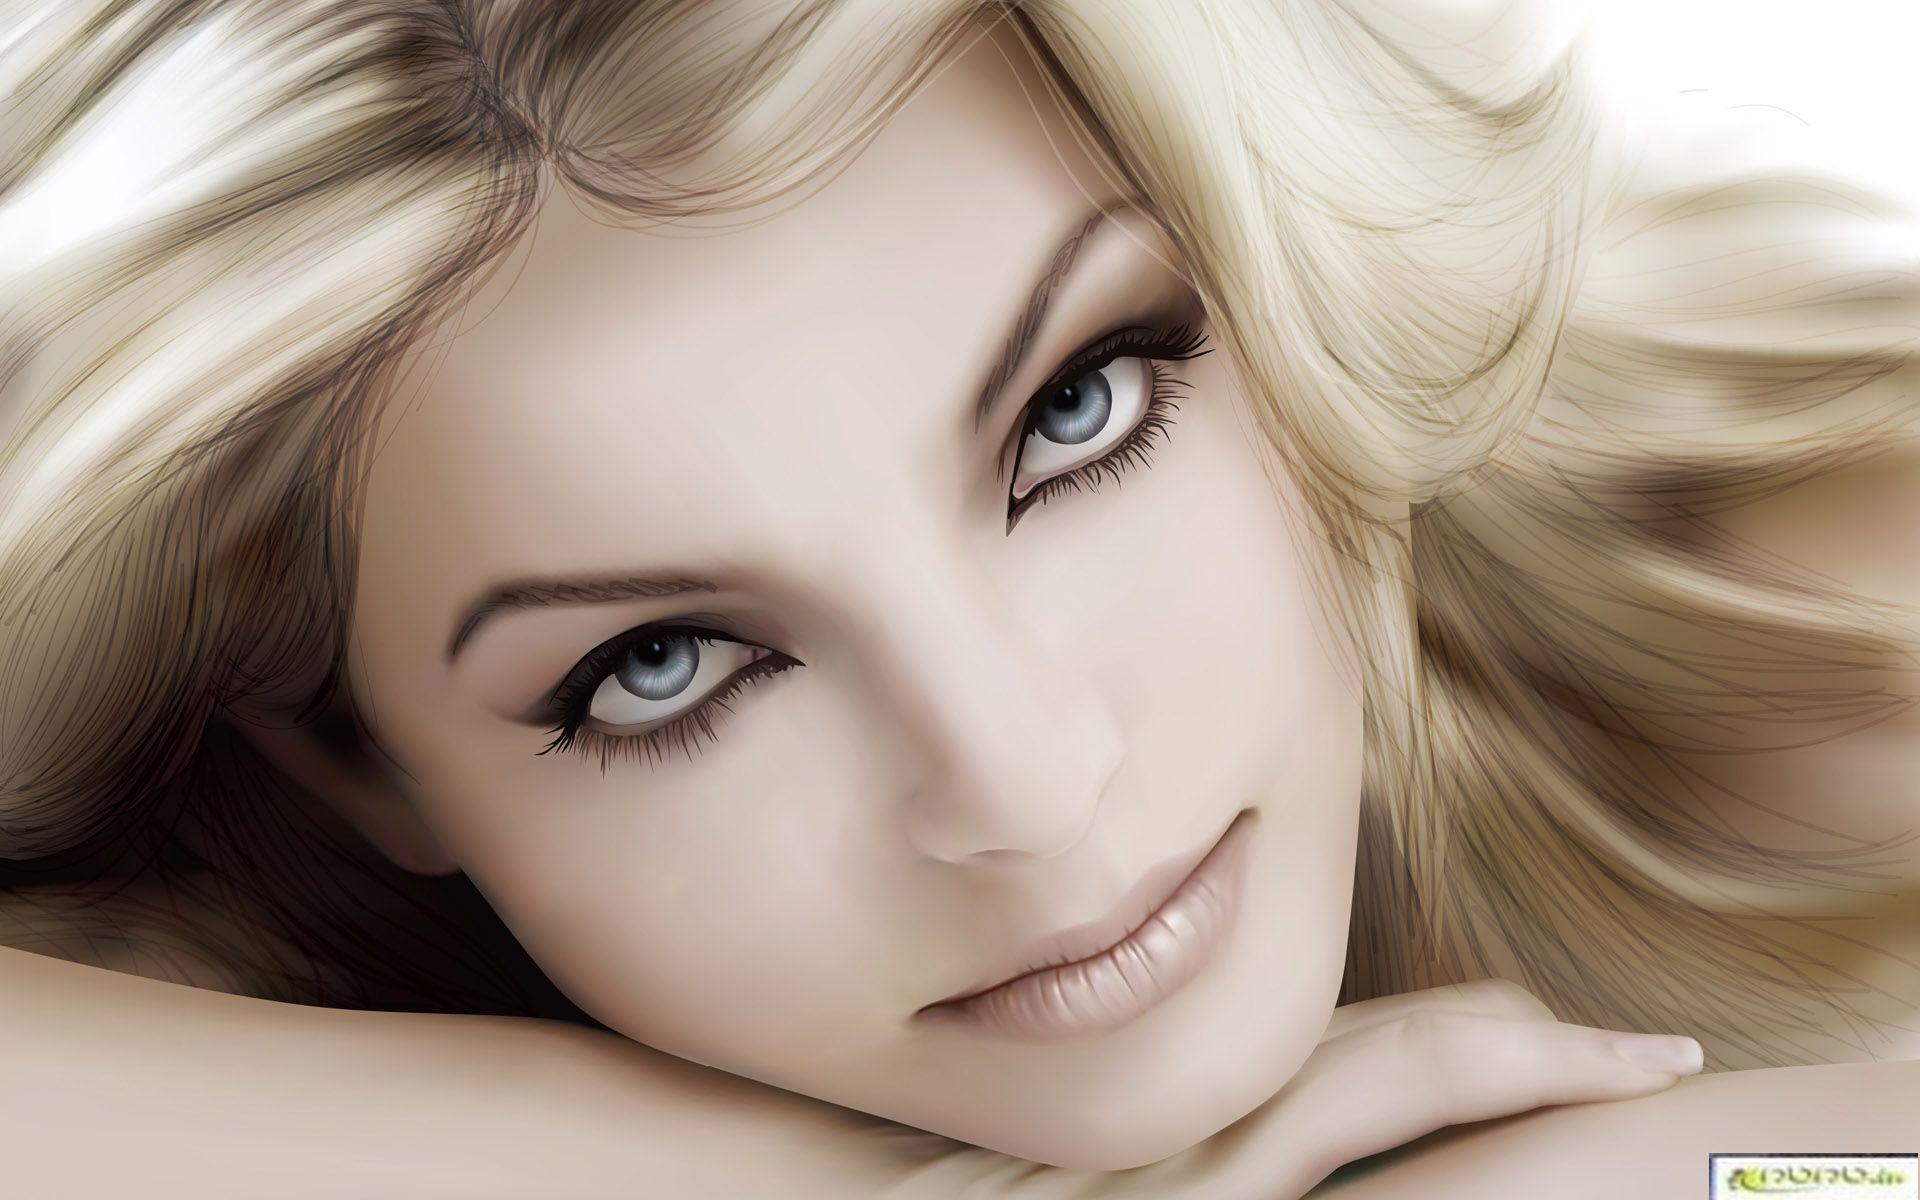 Beautiful Face Girl